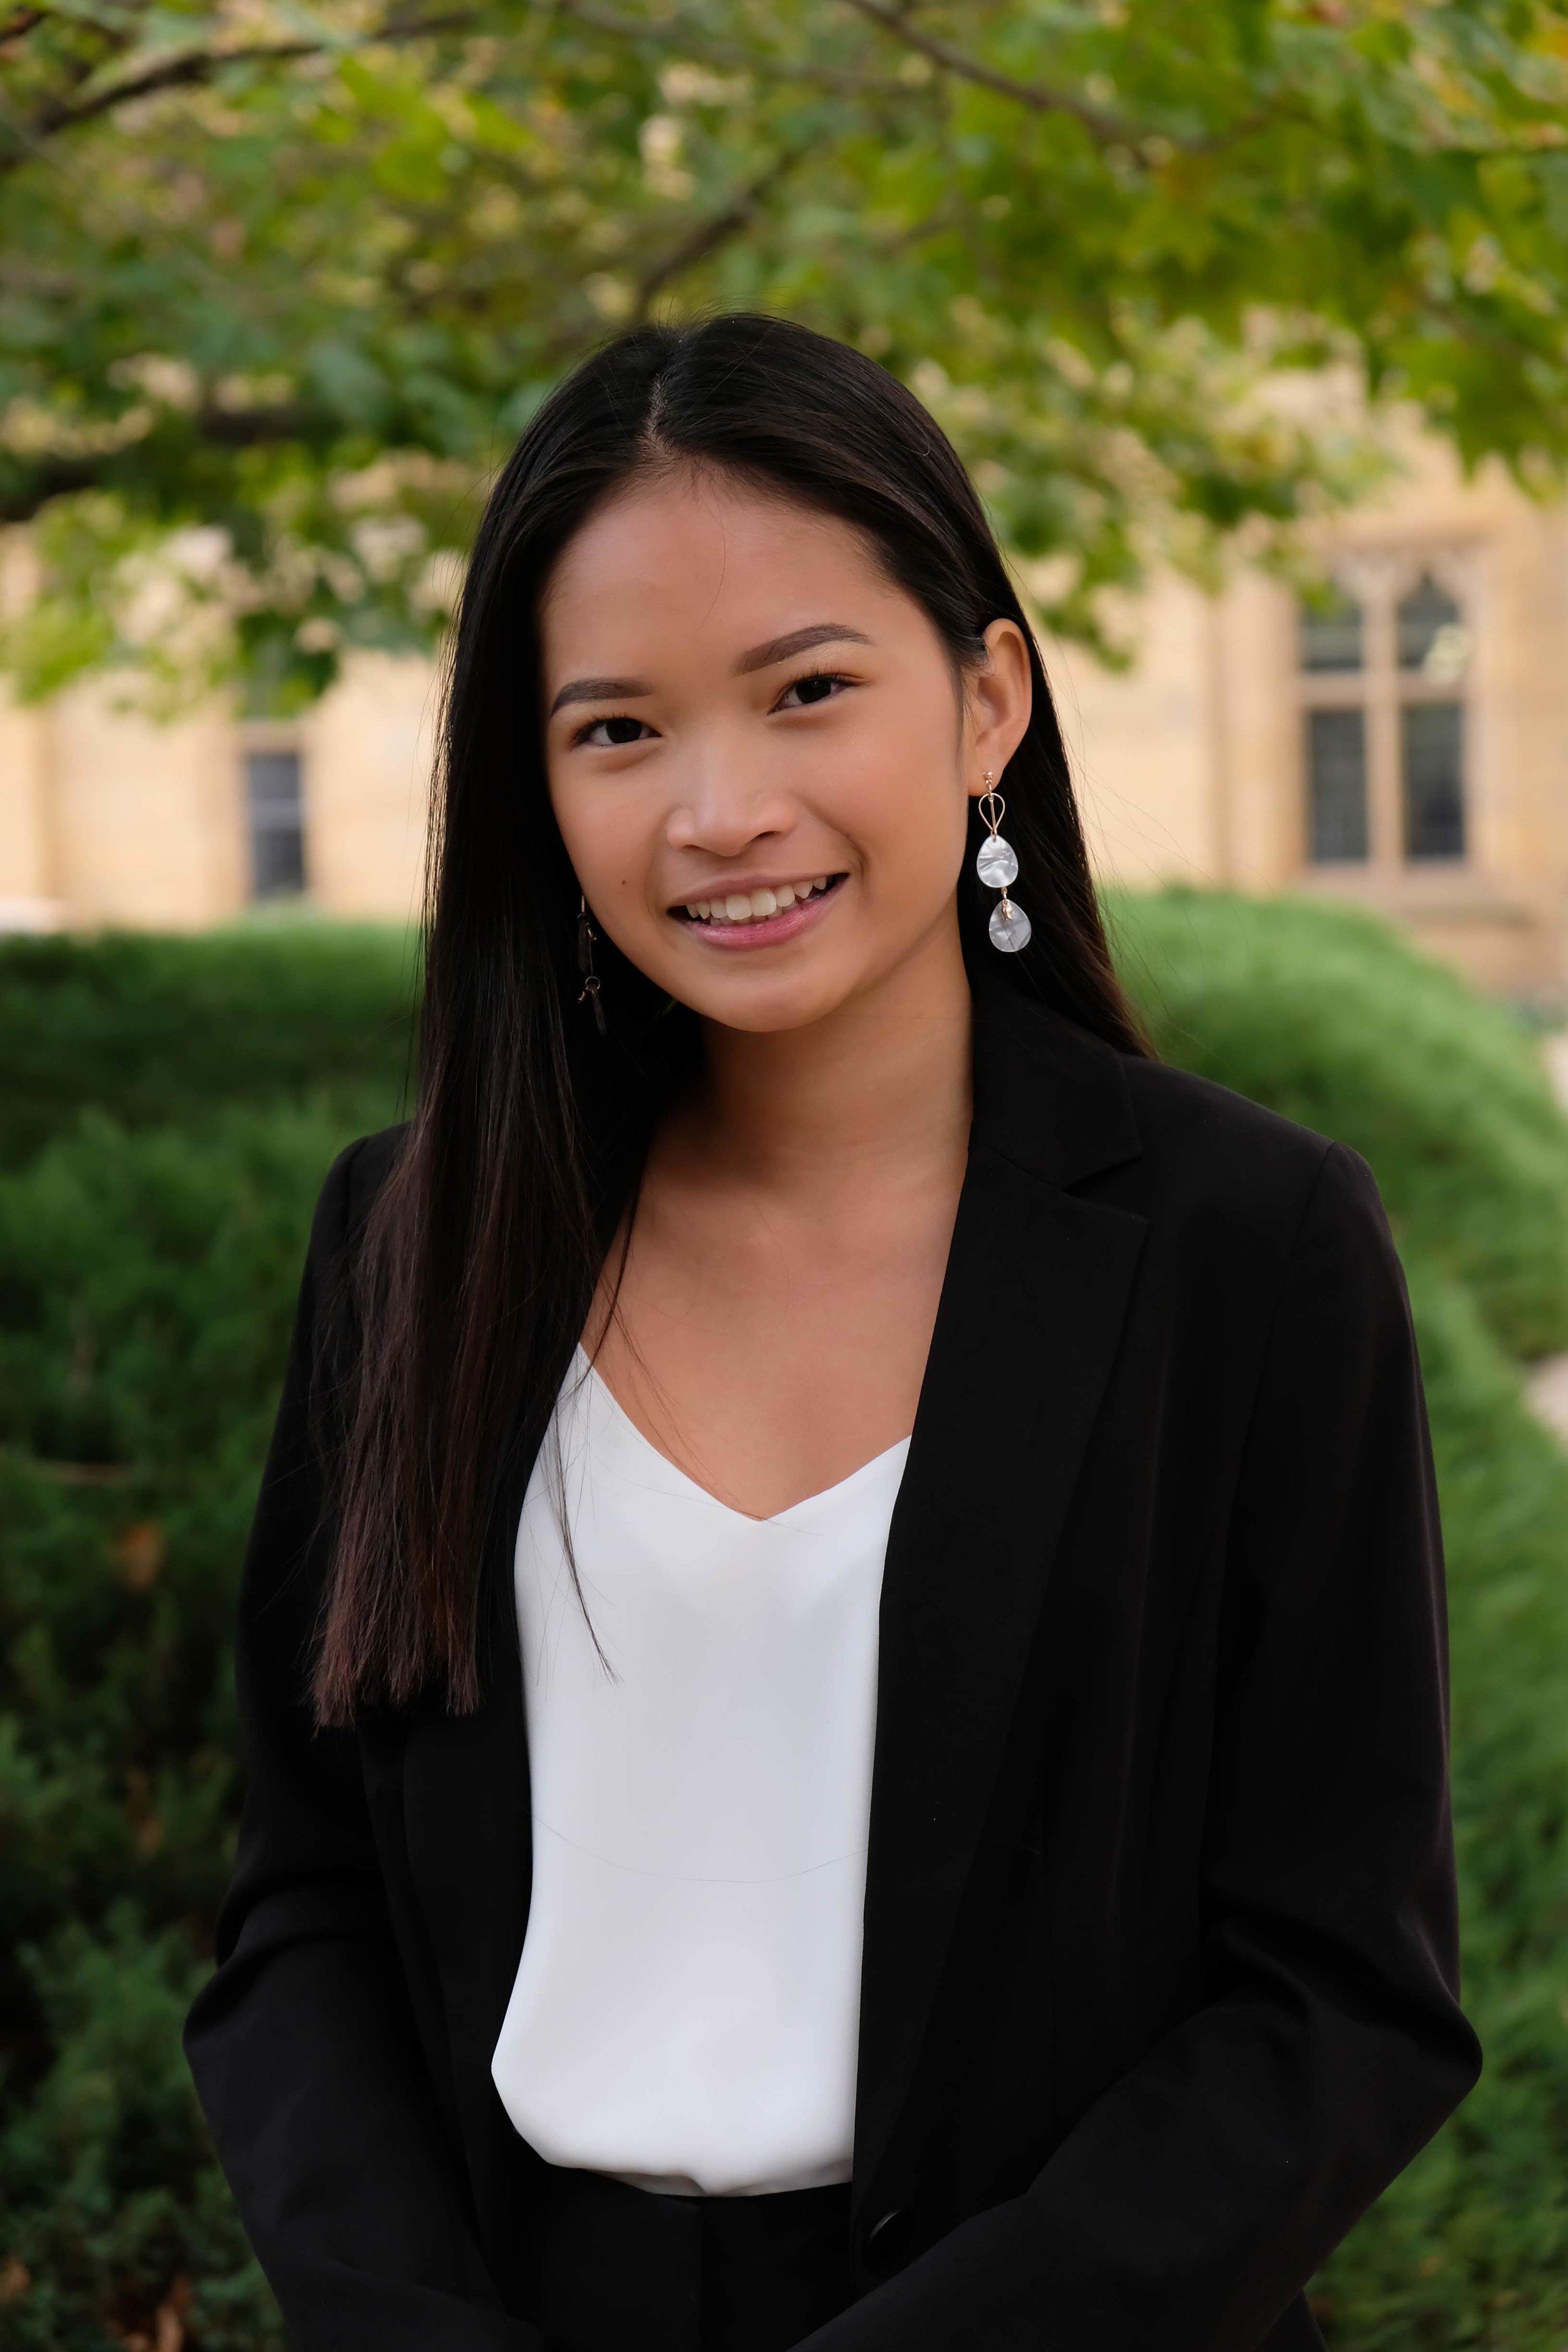 Karmil Nguyen - Events Officer